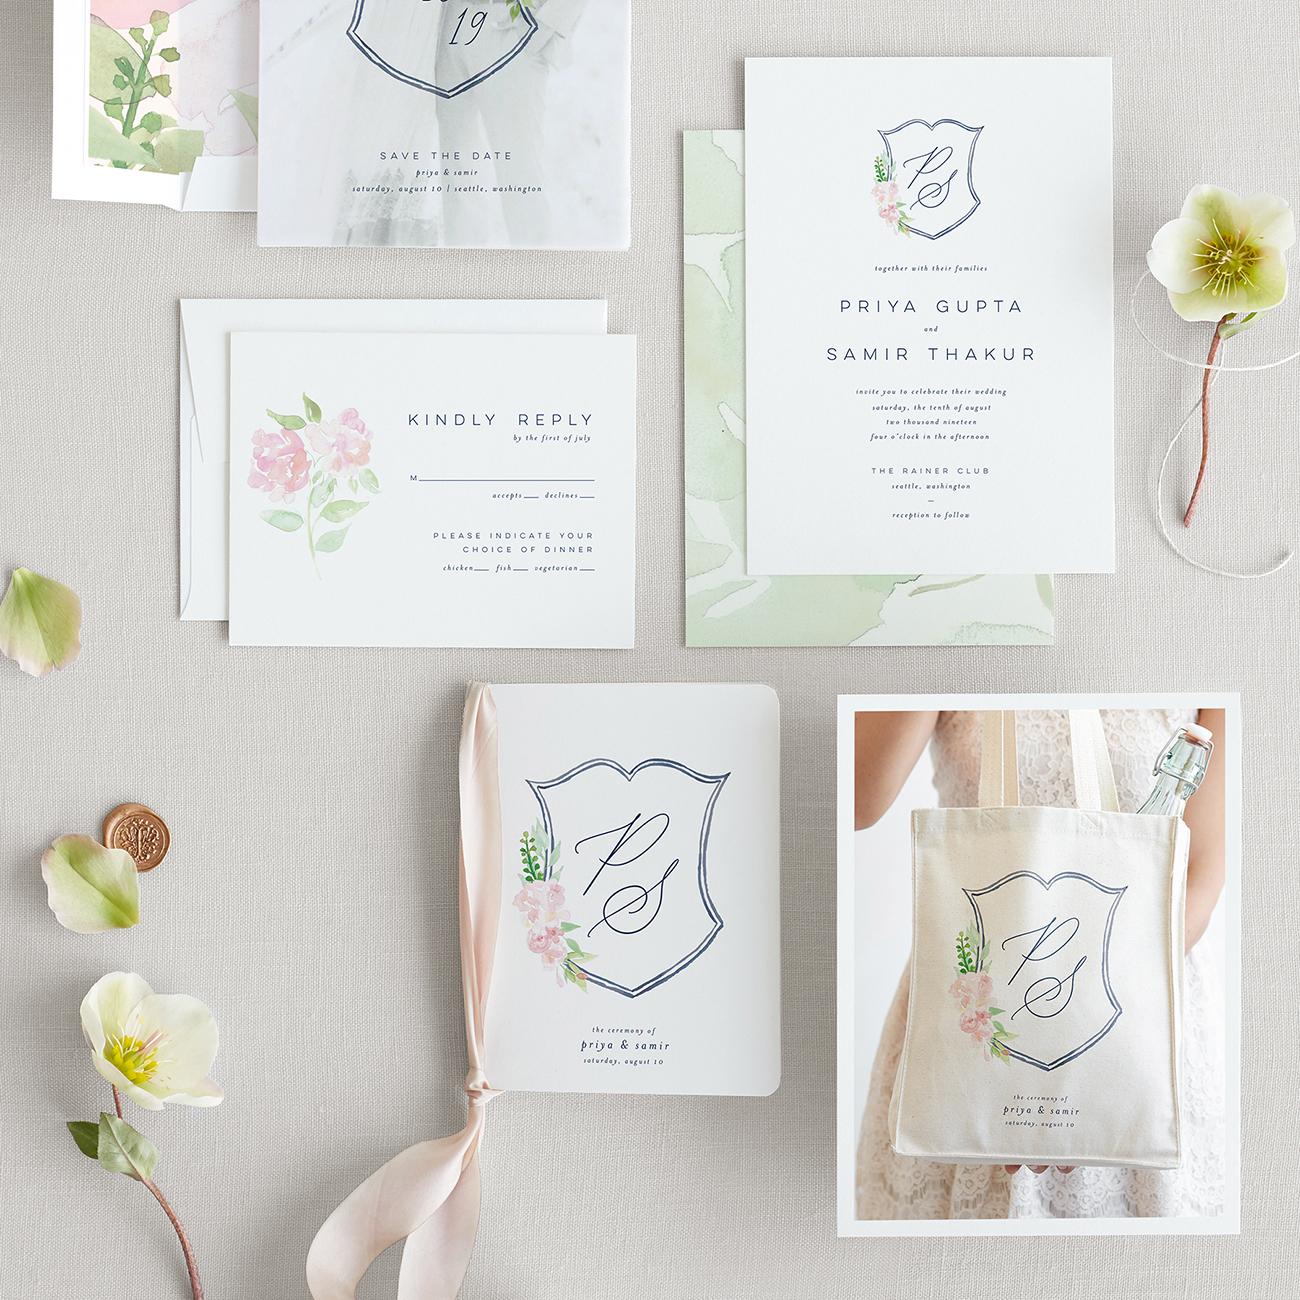 Desain Undangan Pernikahan Bahasa Inggris